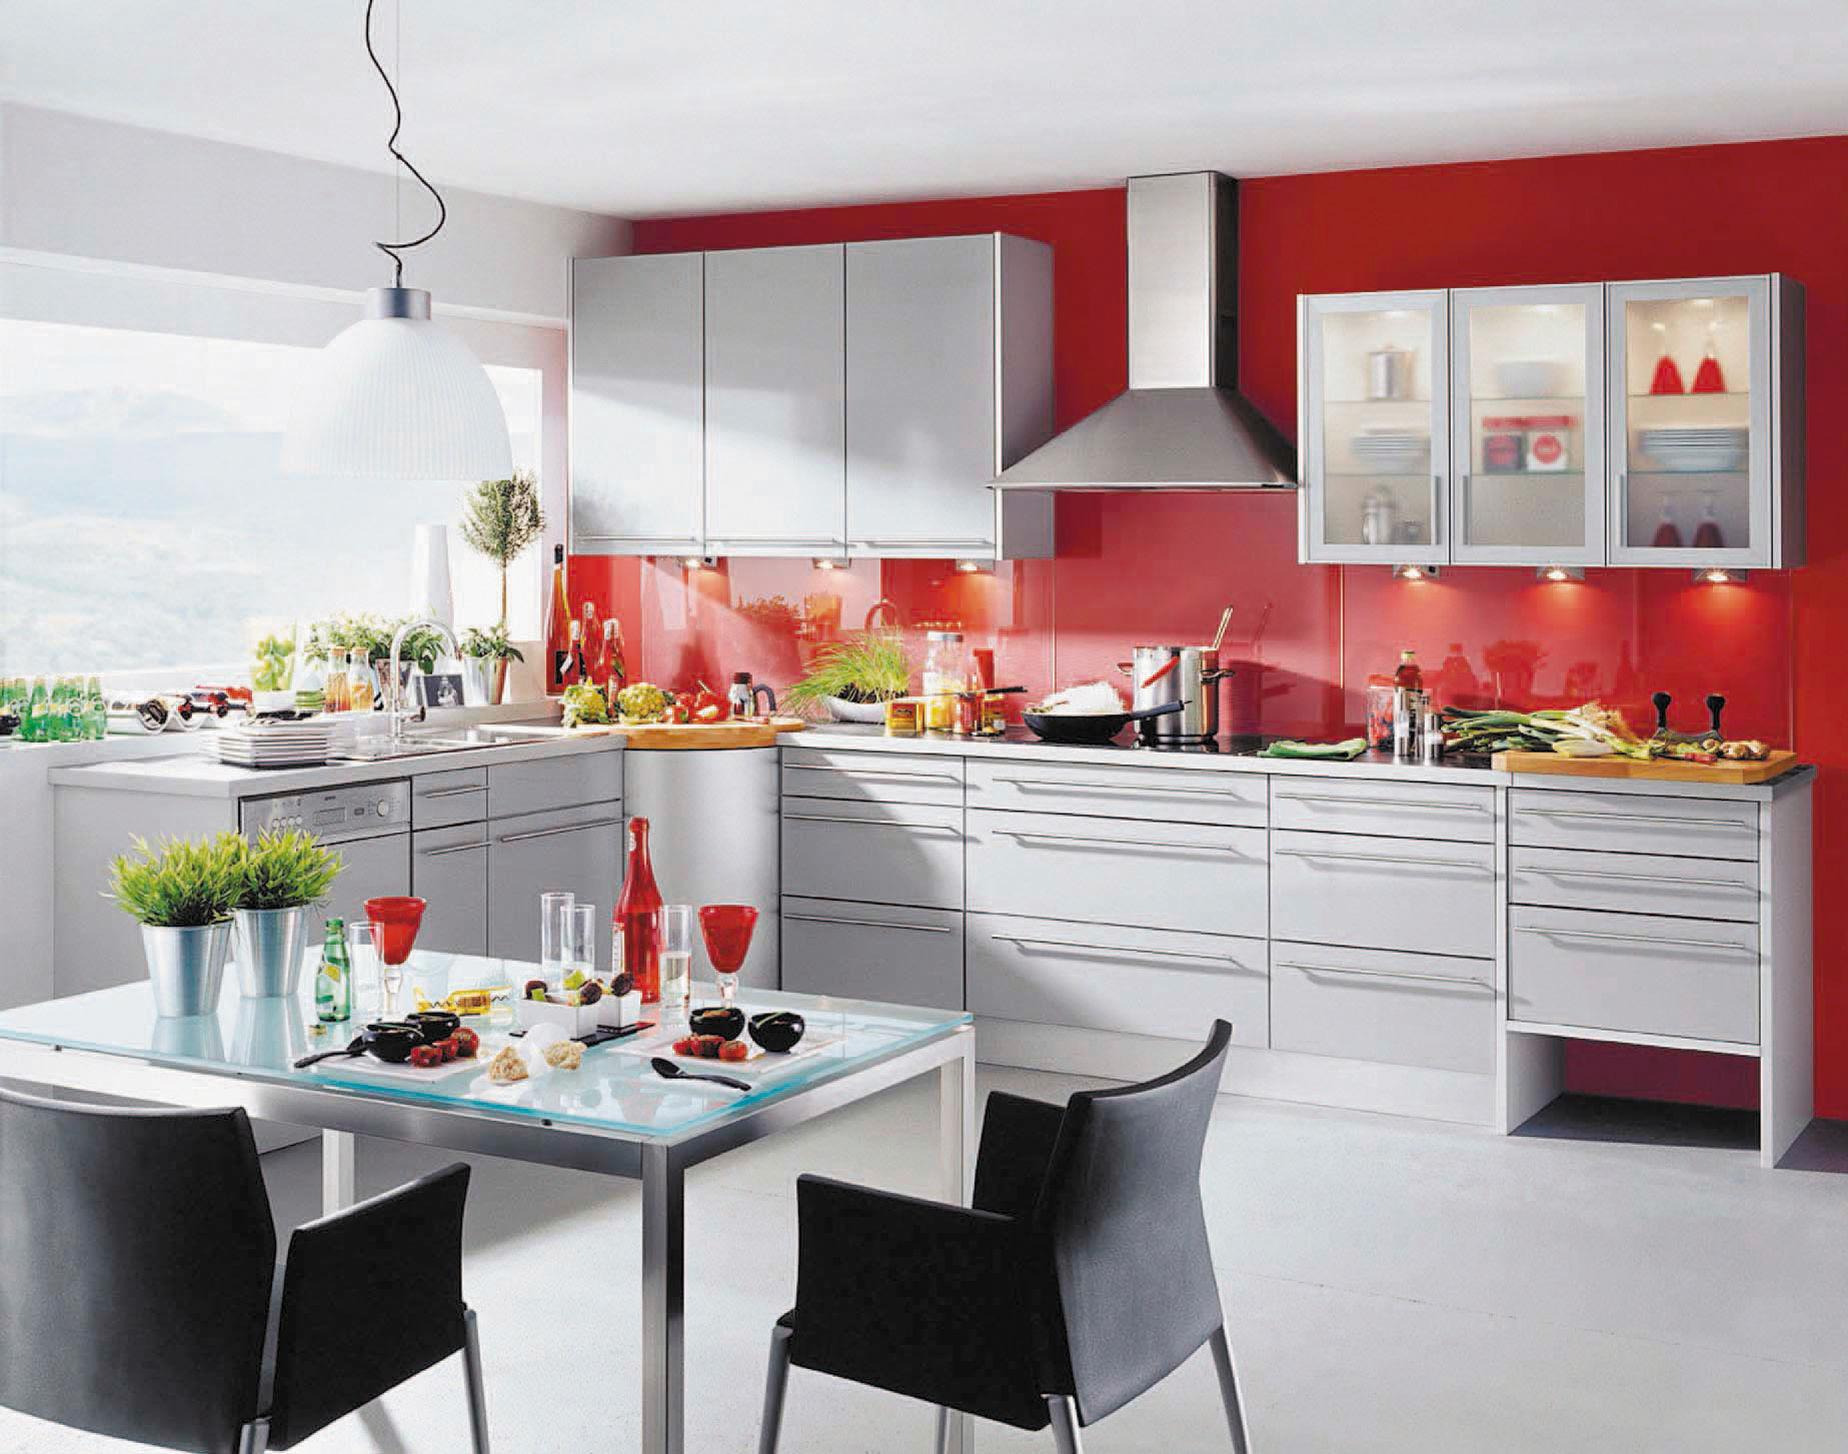 Full Size of Traumkche Planen In 6 Schritten Klappts Mbelix Küchen Regal Wohnzimmer Möbelix Küchen